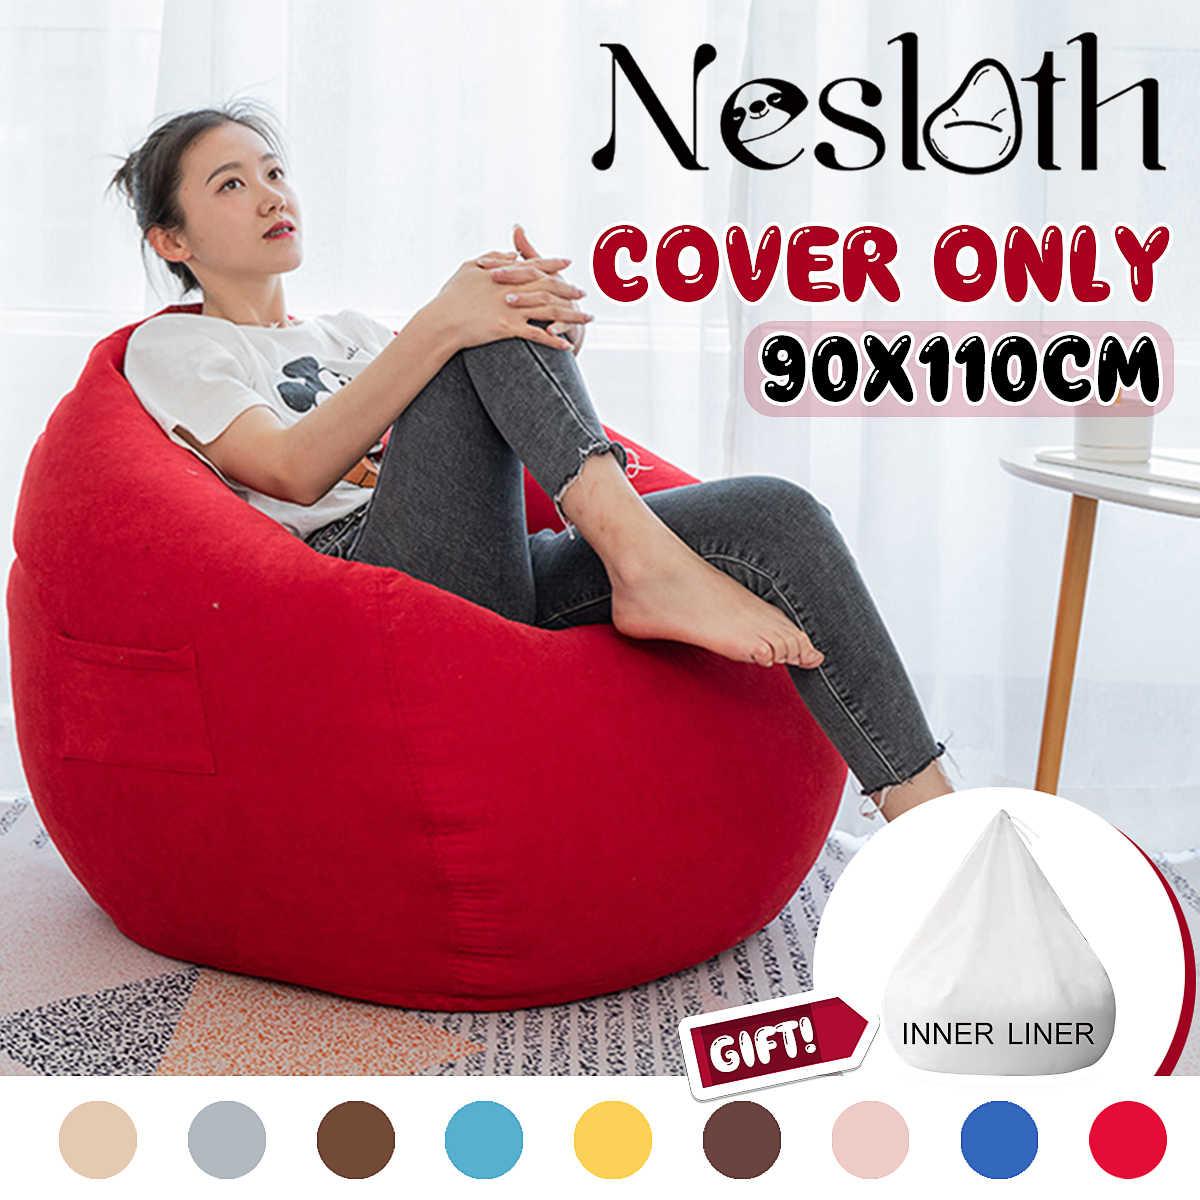 Tremendous 2Pcs Set Lazy Beanbag Sofas Cover Inner Liner No Filler Machost Co Dining Chair Design Ideas Machostcouk